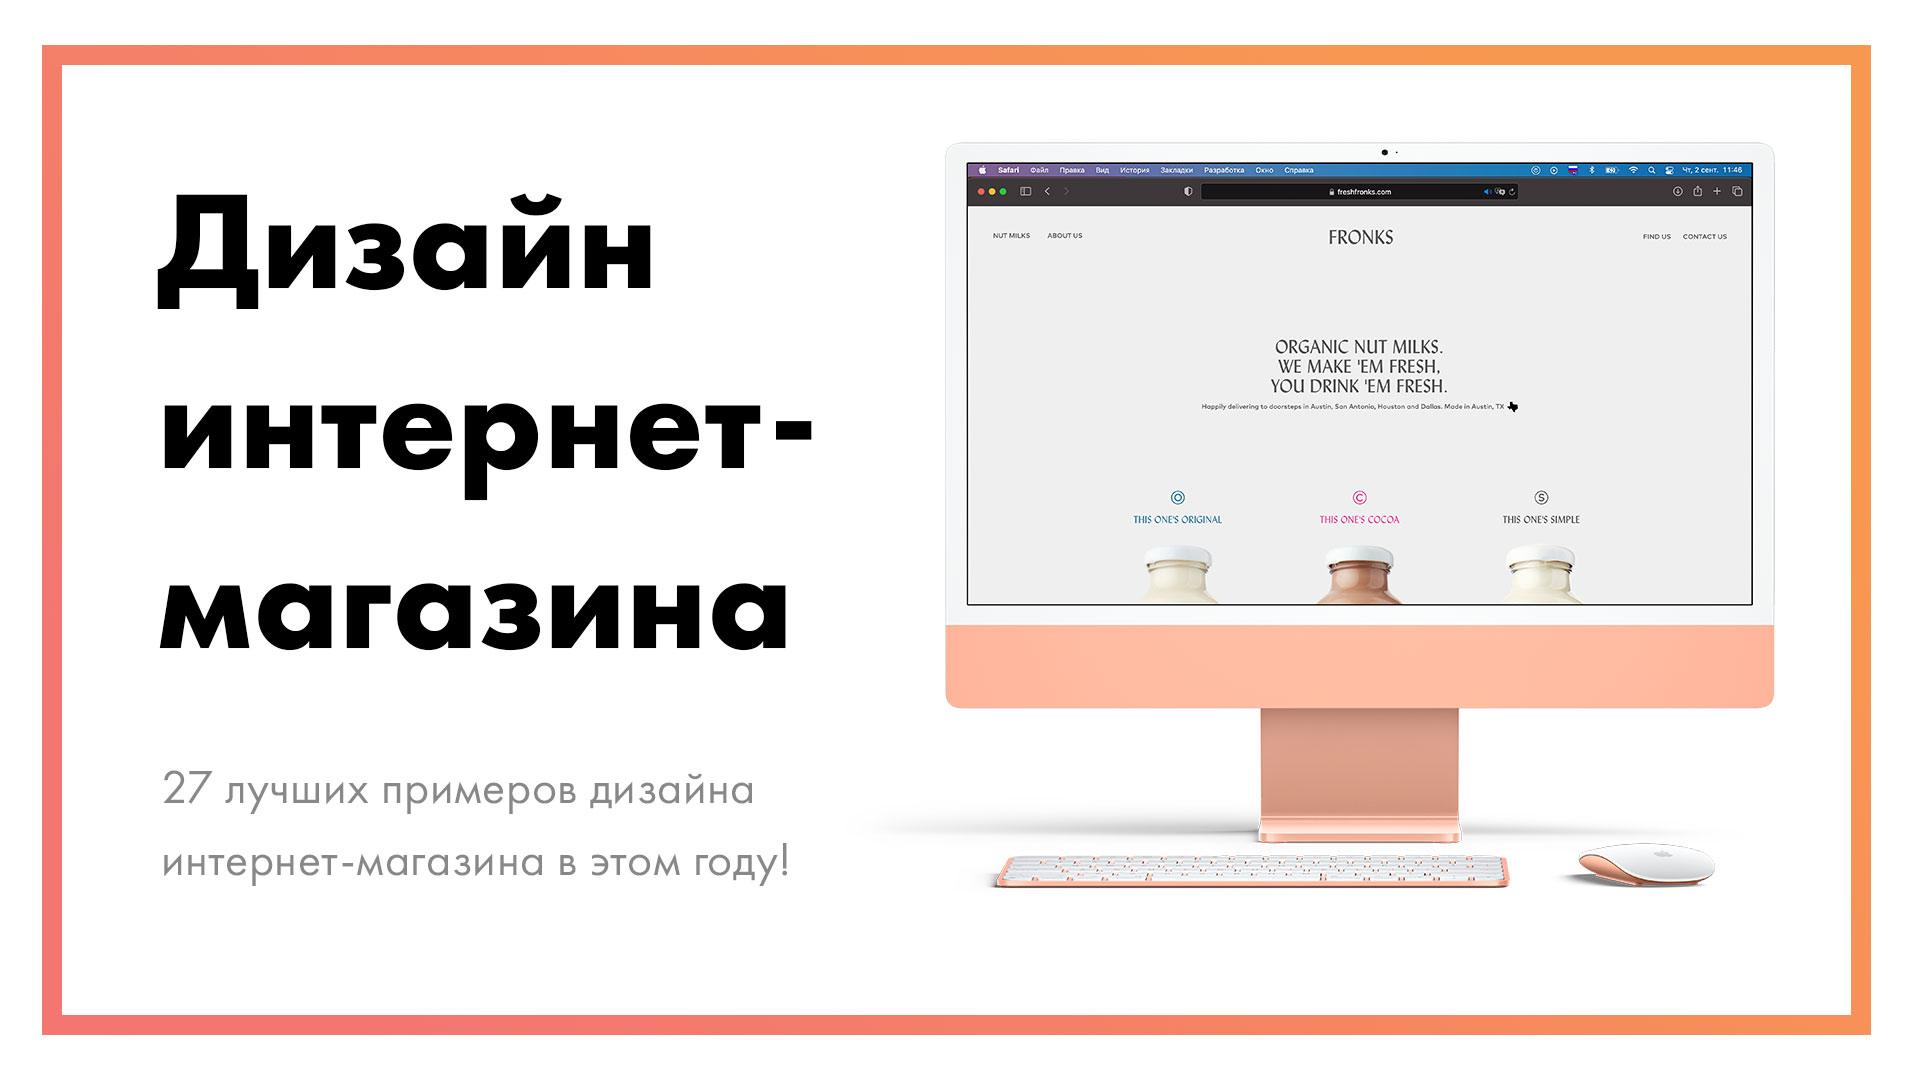 Дизайн-интернет-магазина---27-лучших-примеров-в-2021-году.jpg